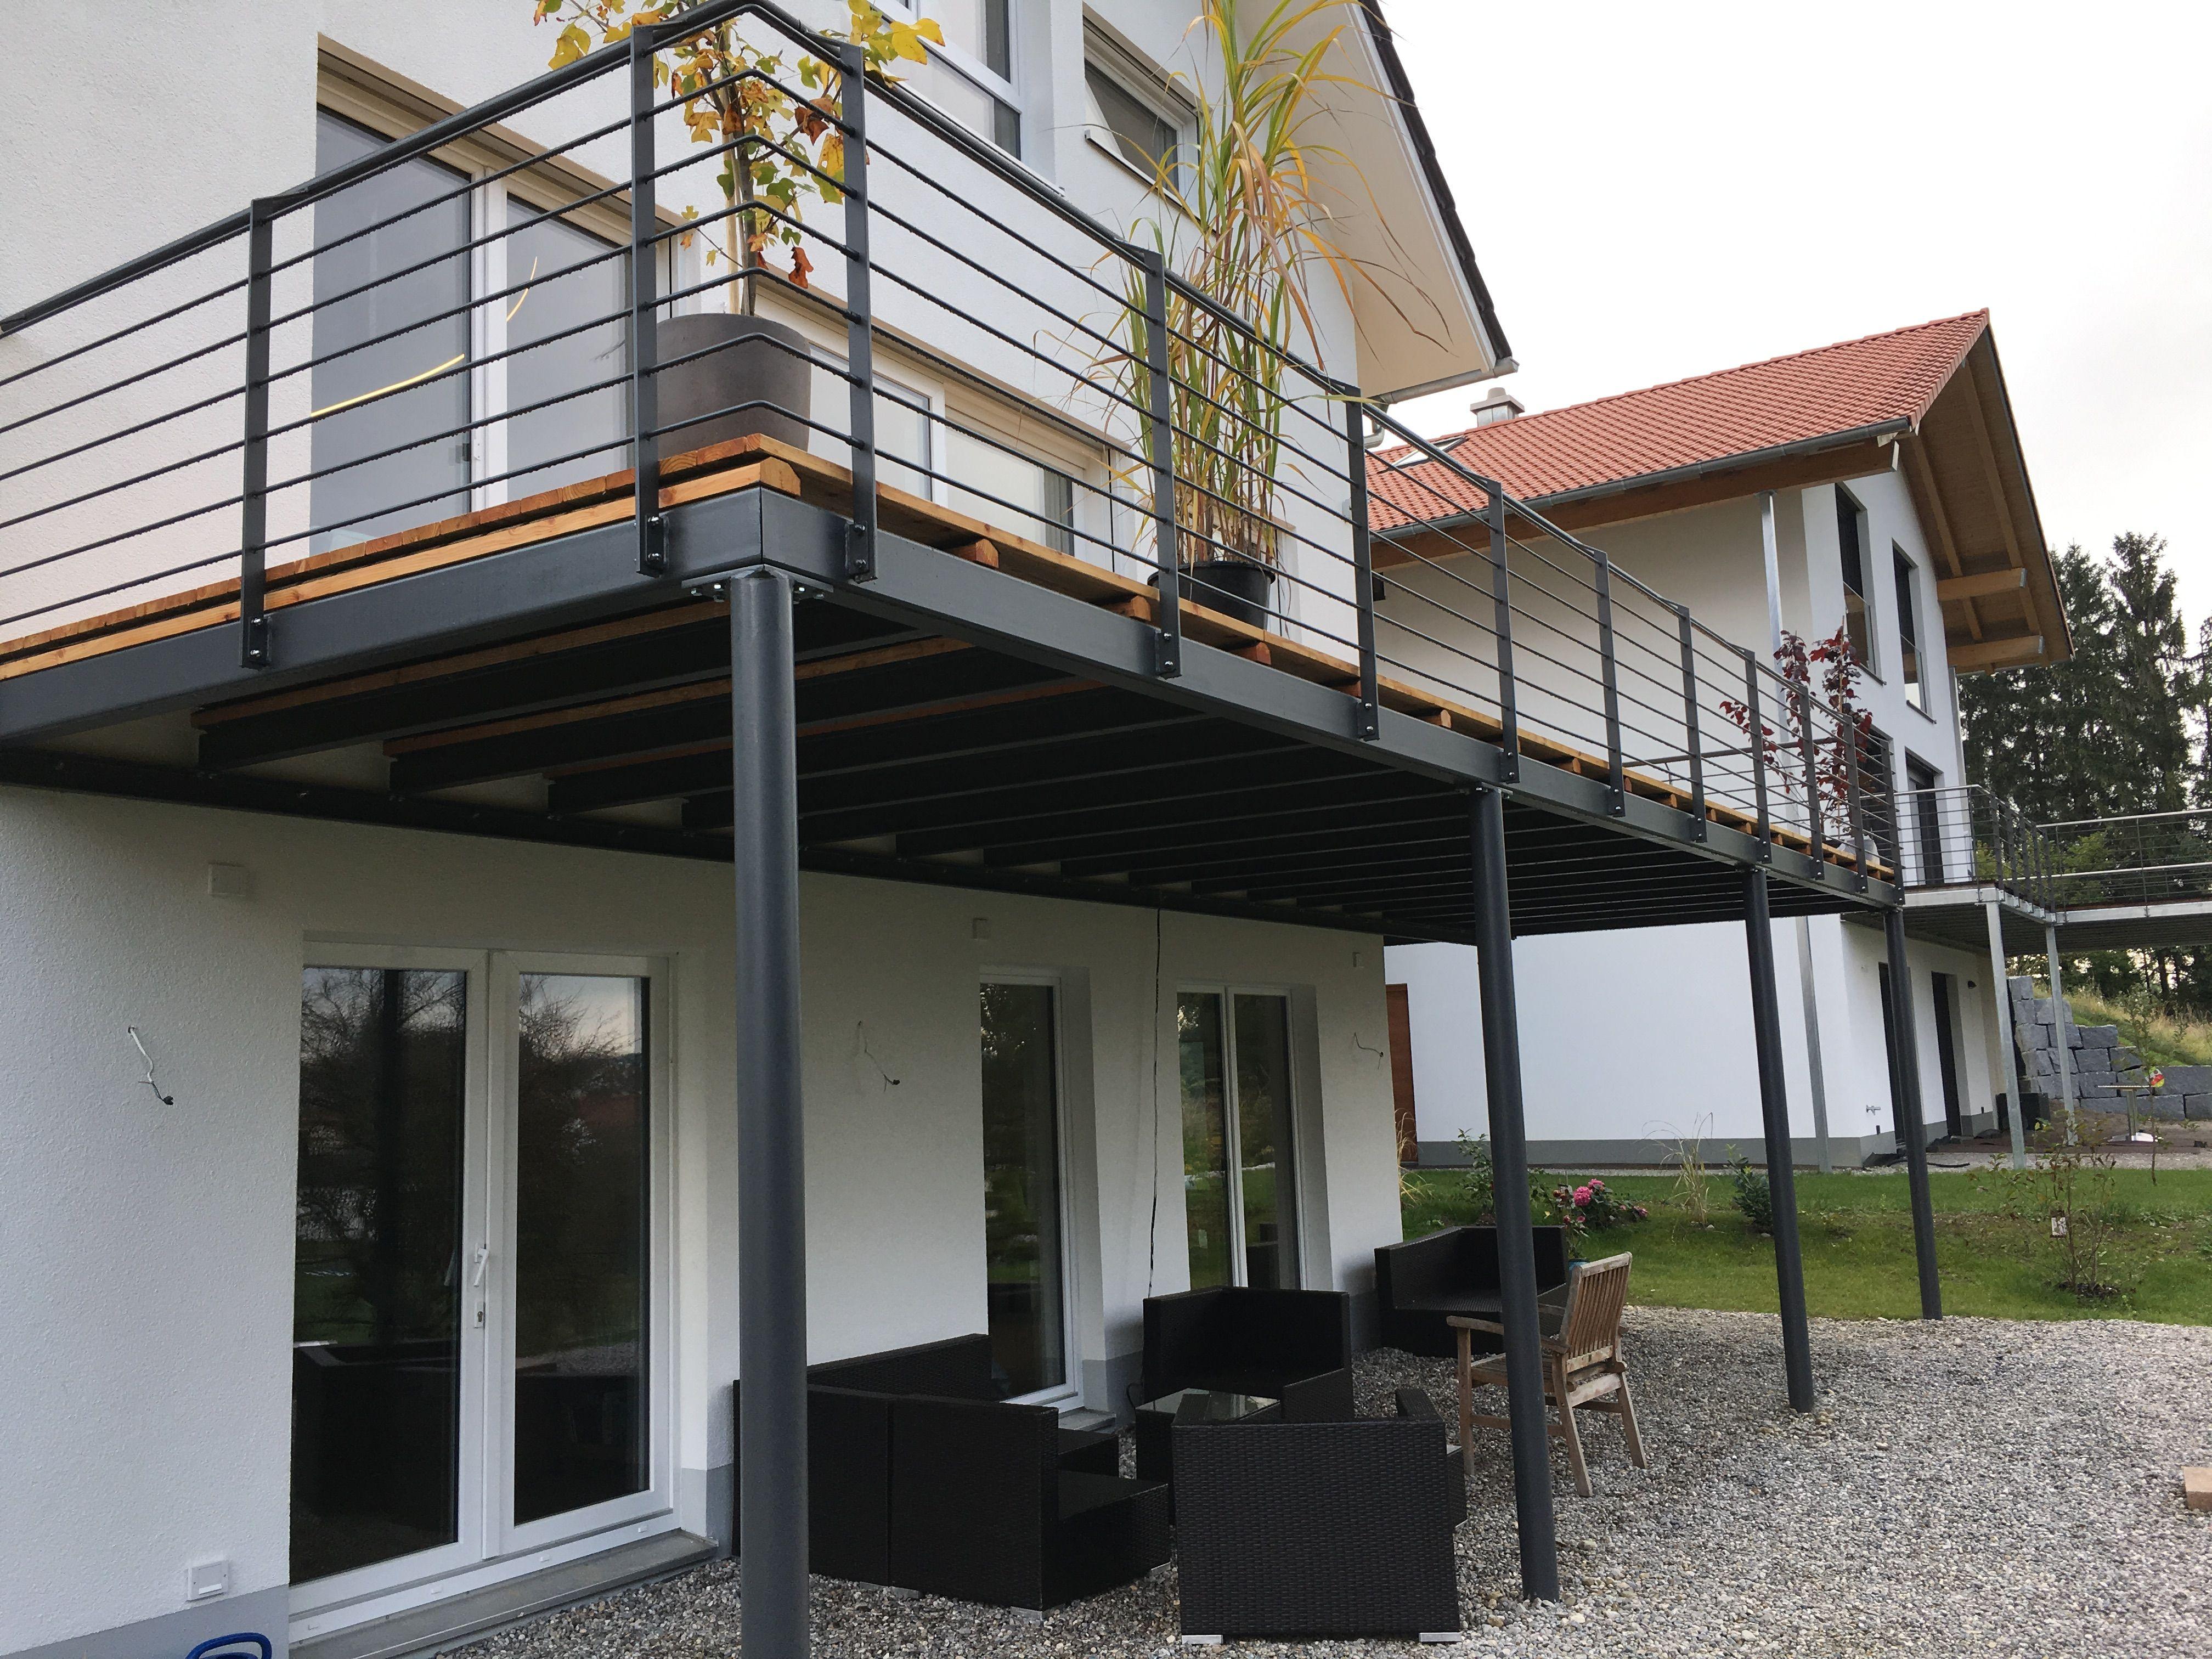 stahlbalkon mit holzdeck fichtl haus balkon in 2019 pinterest balkon terrasse holz und. Black Bedroom Furniture Sets. Home Design Ideas